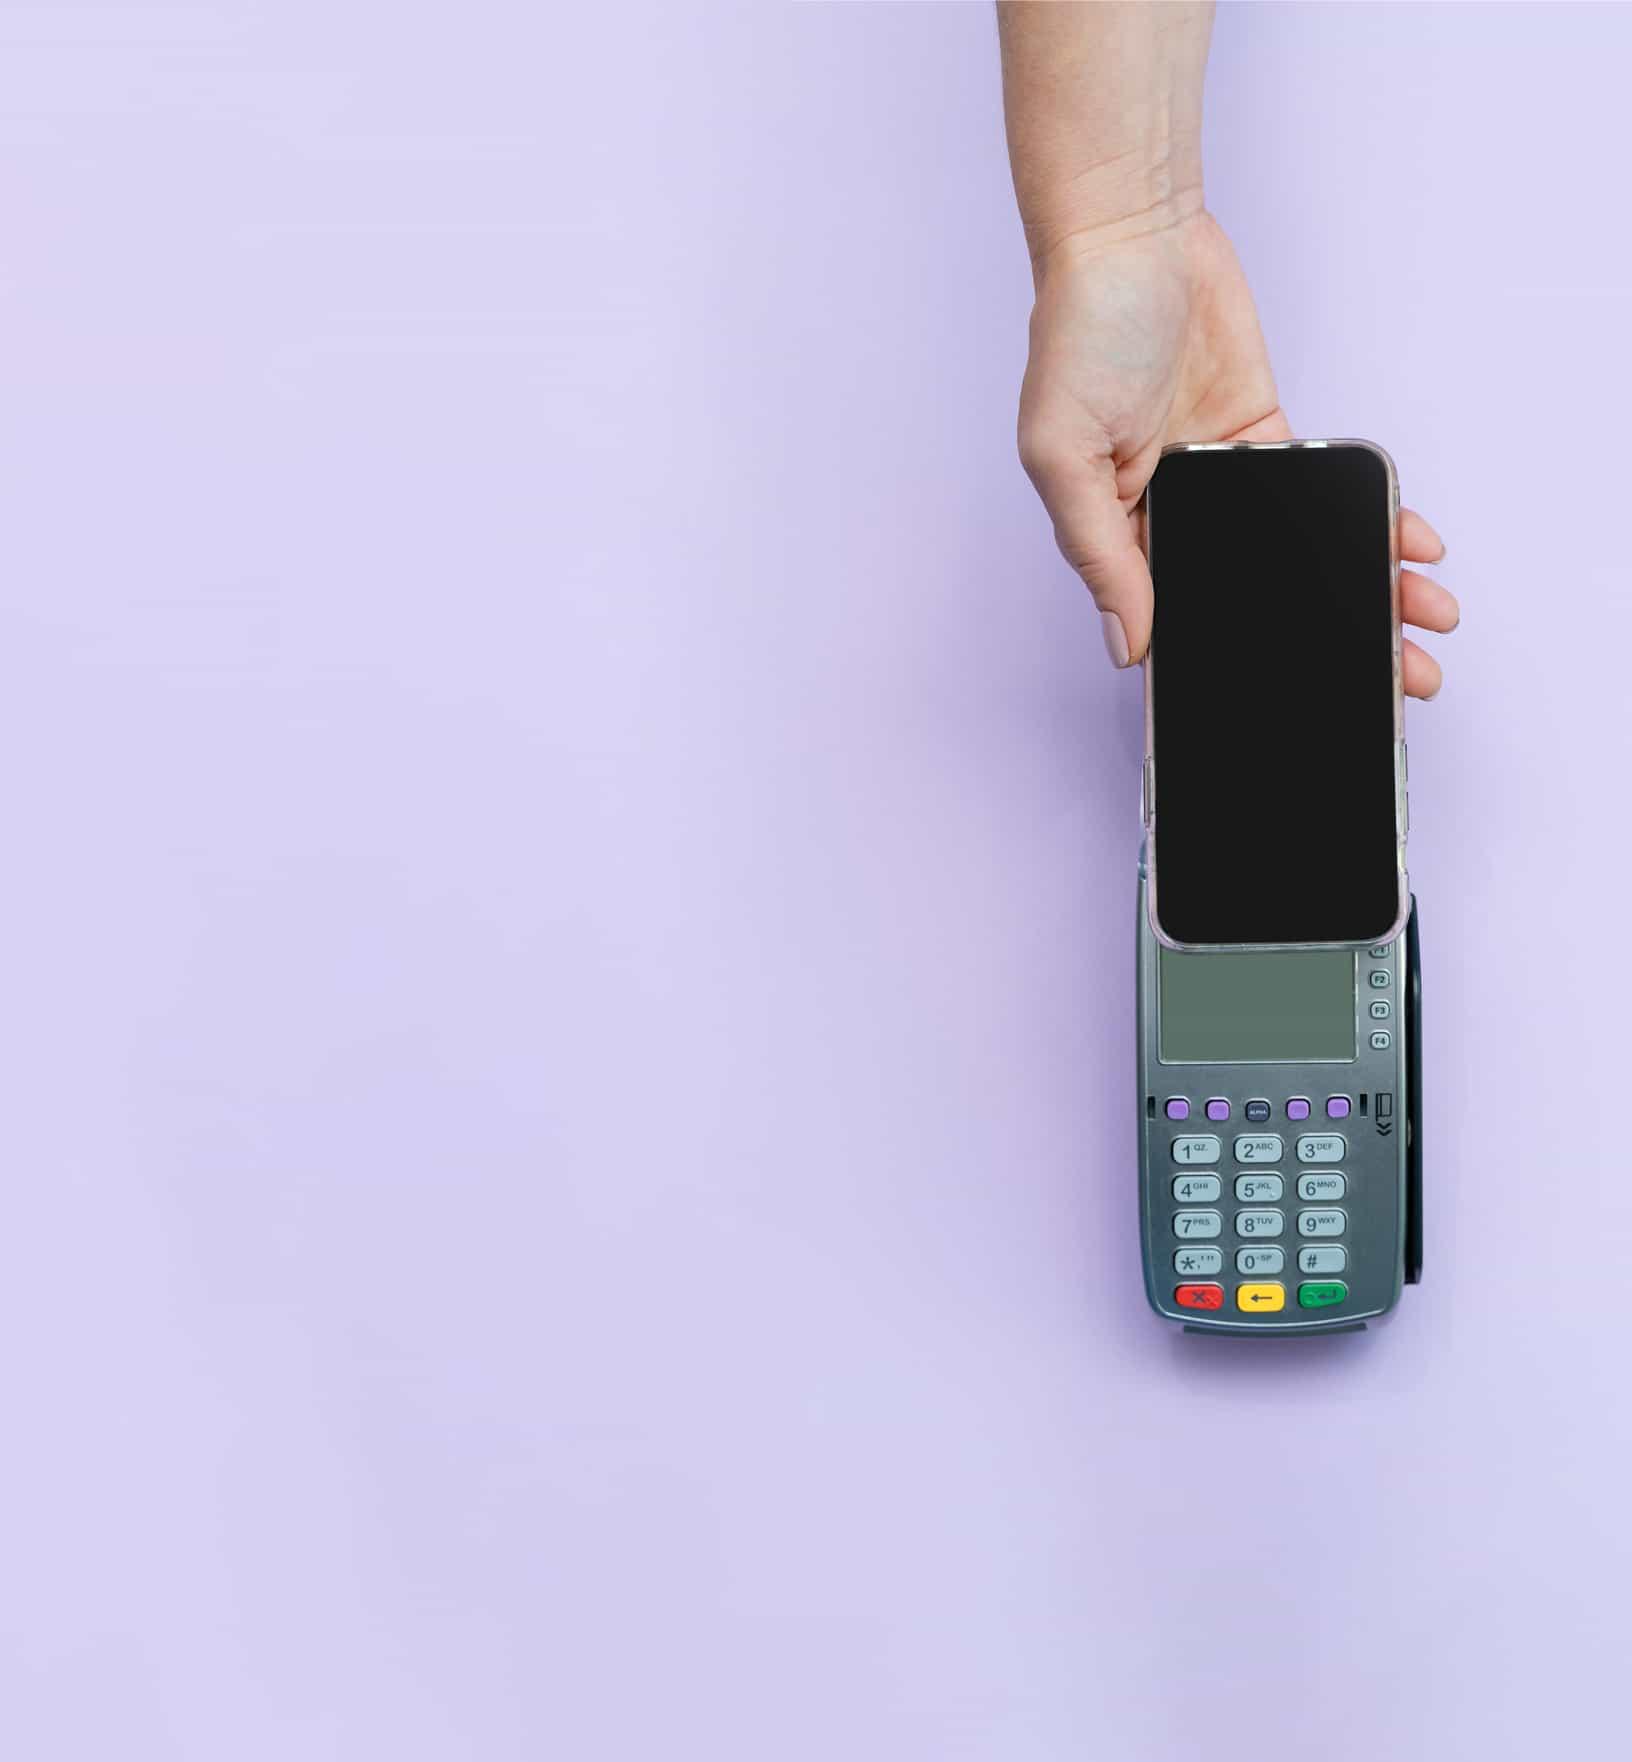 Una mano que sostiene un teléfono hacia arriba para usarlo como método de pago en un lector de tarjetas